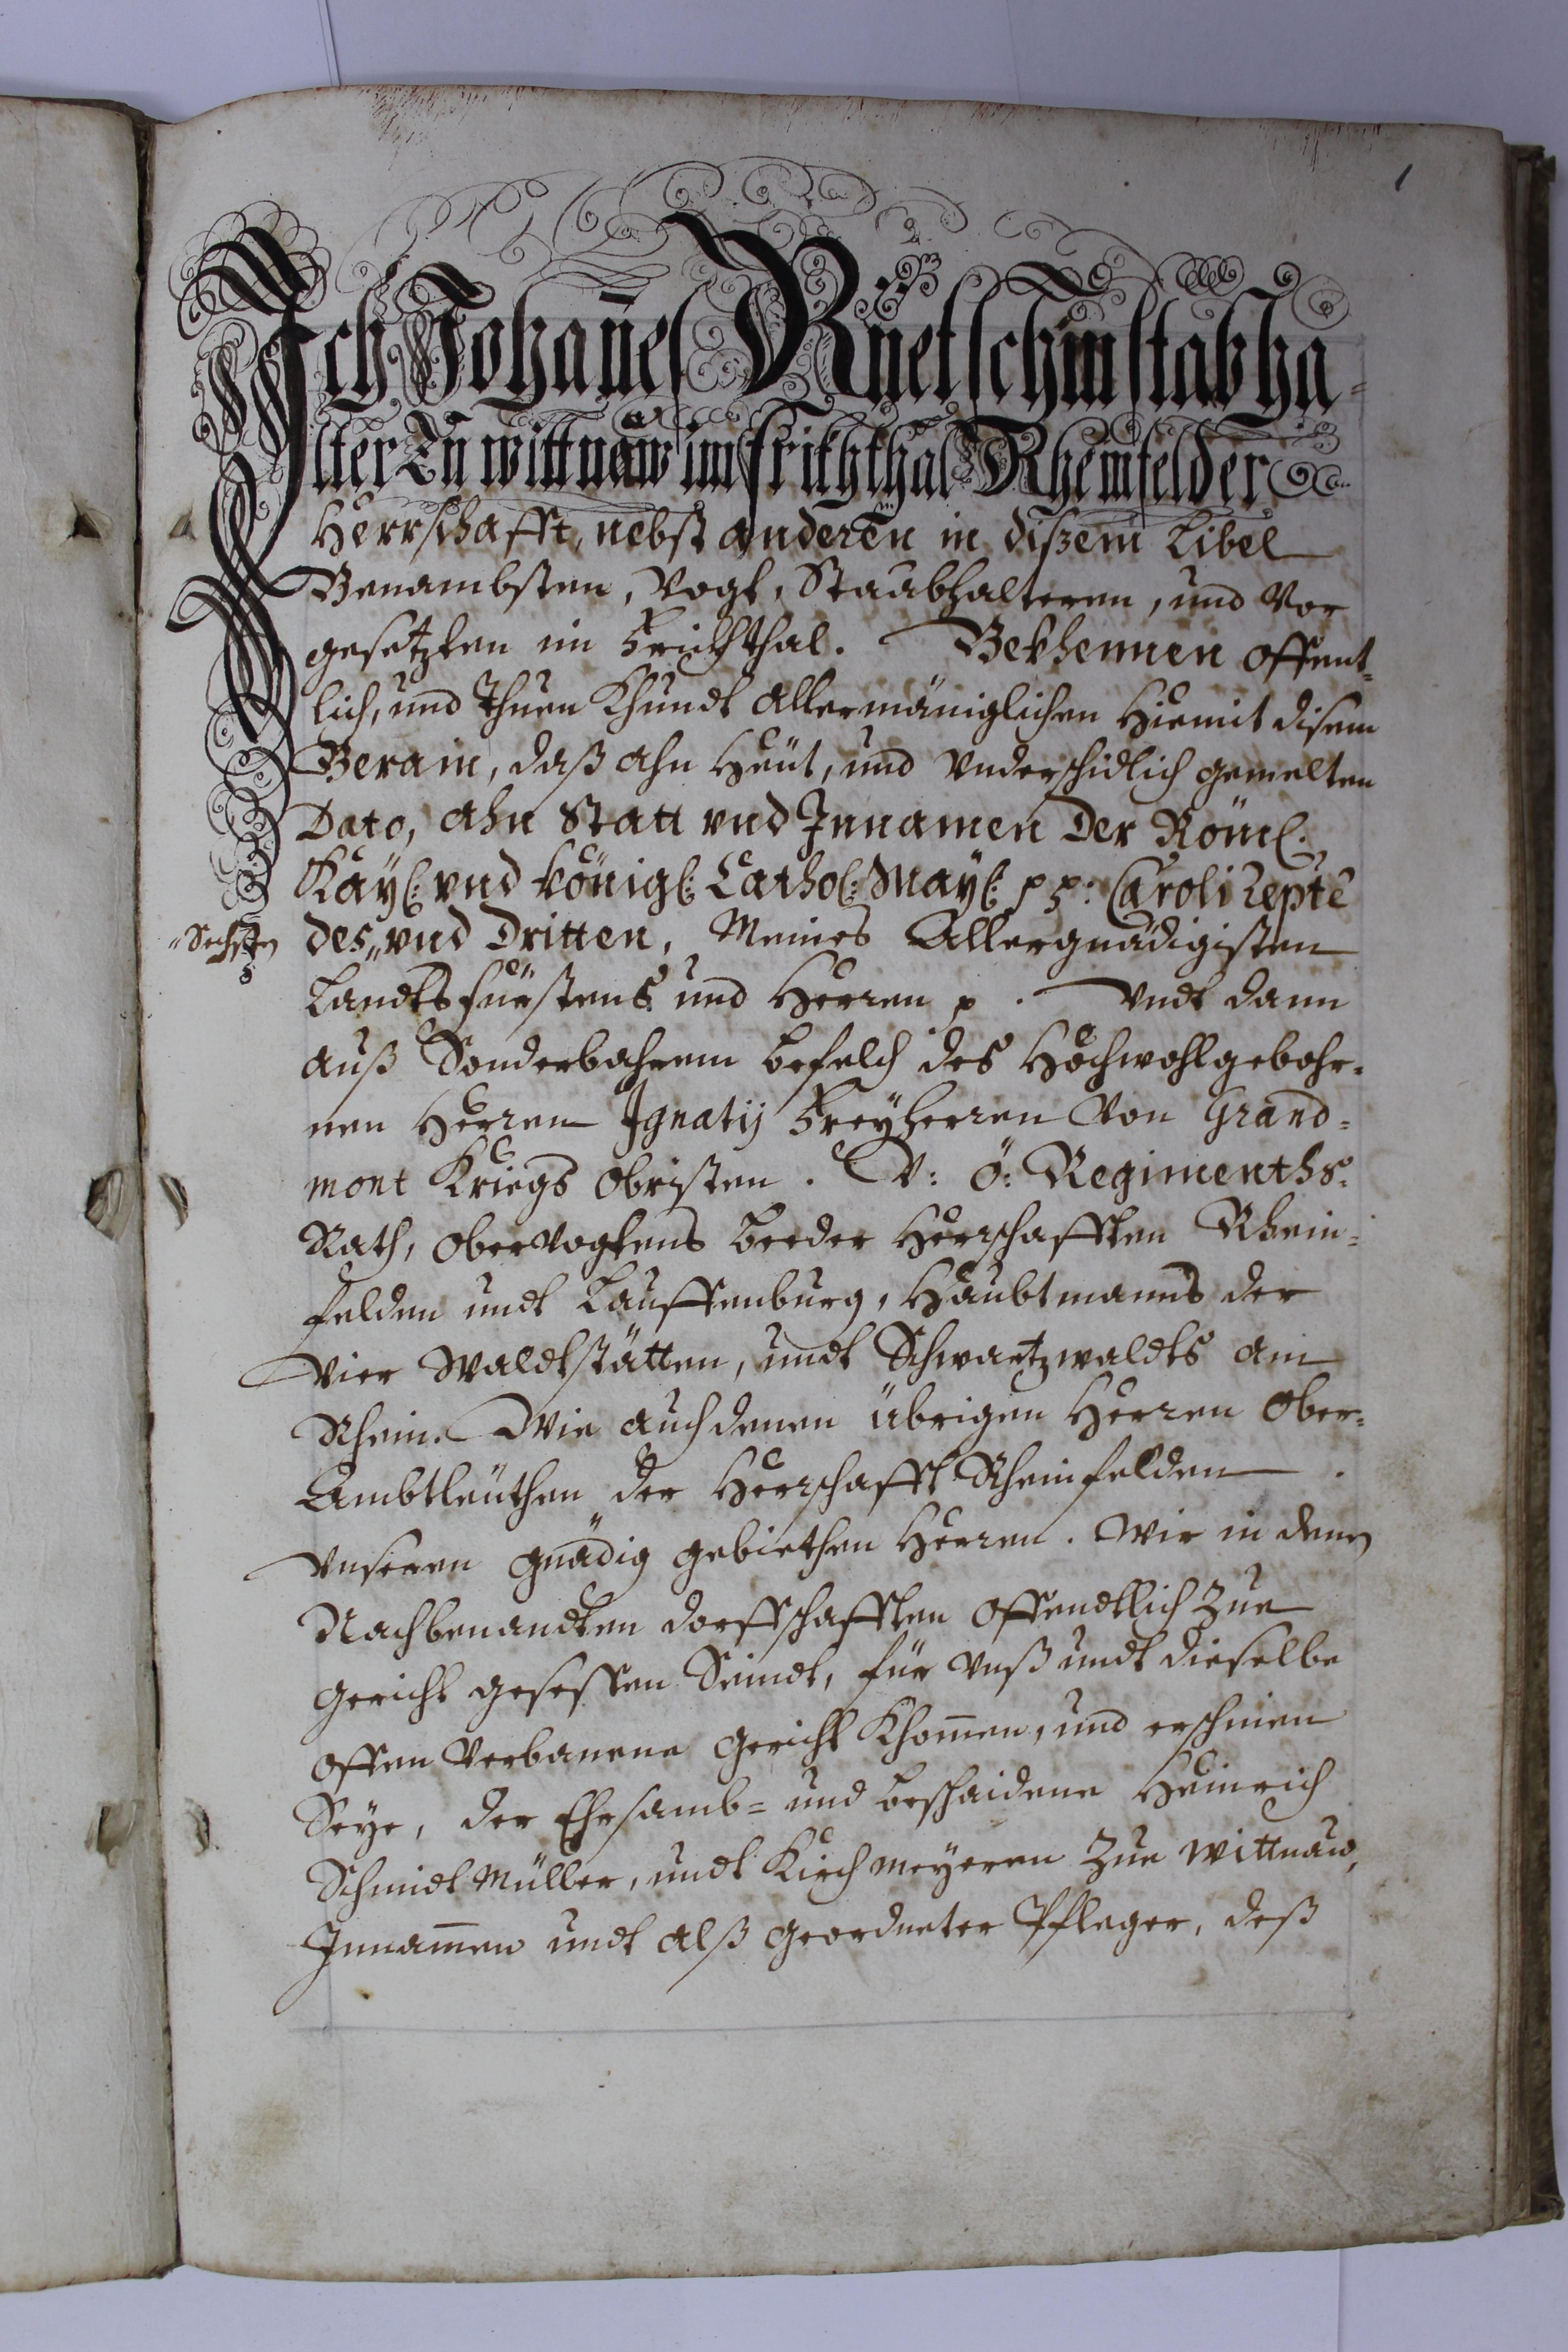 Gemeindearchiv Wittnau: Zinsbereinigung von 1774